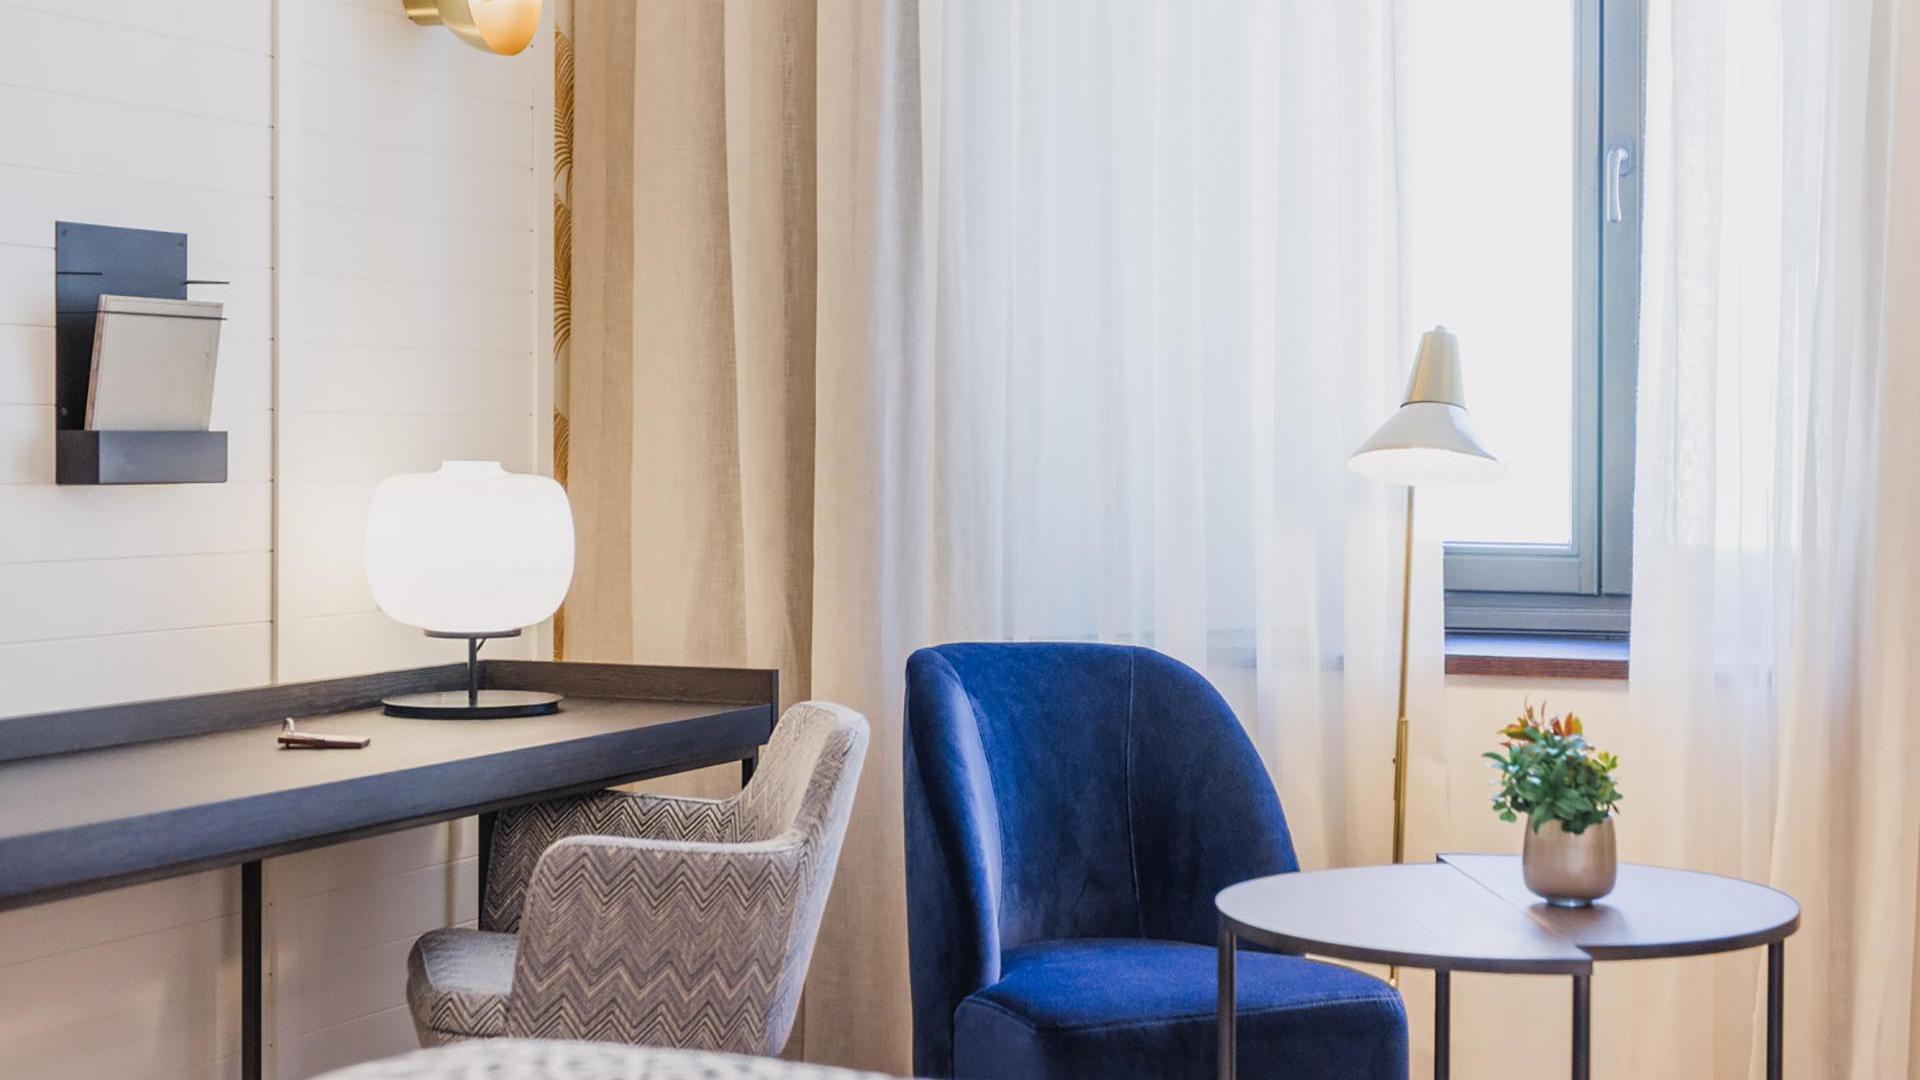 Superior Luxury Room at Hotel Molina Lario